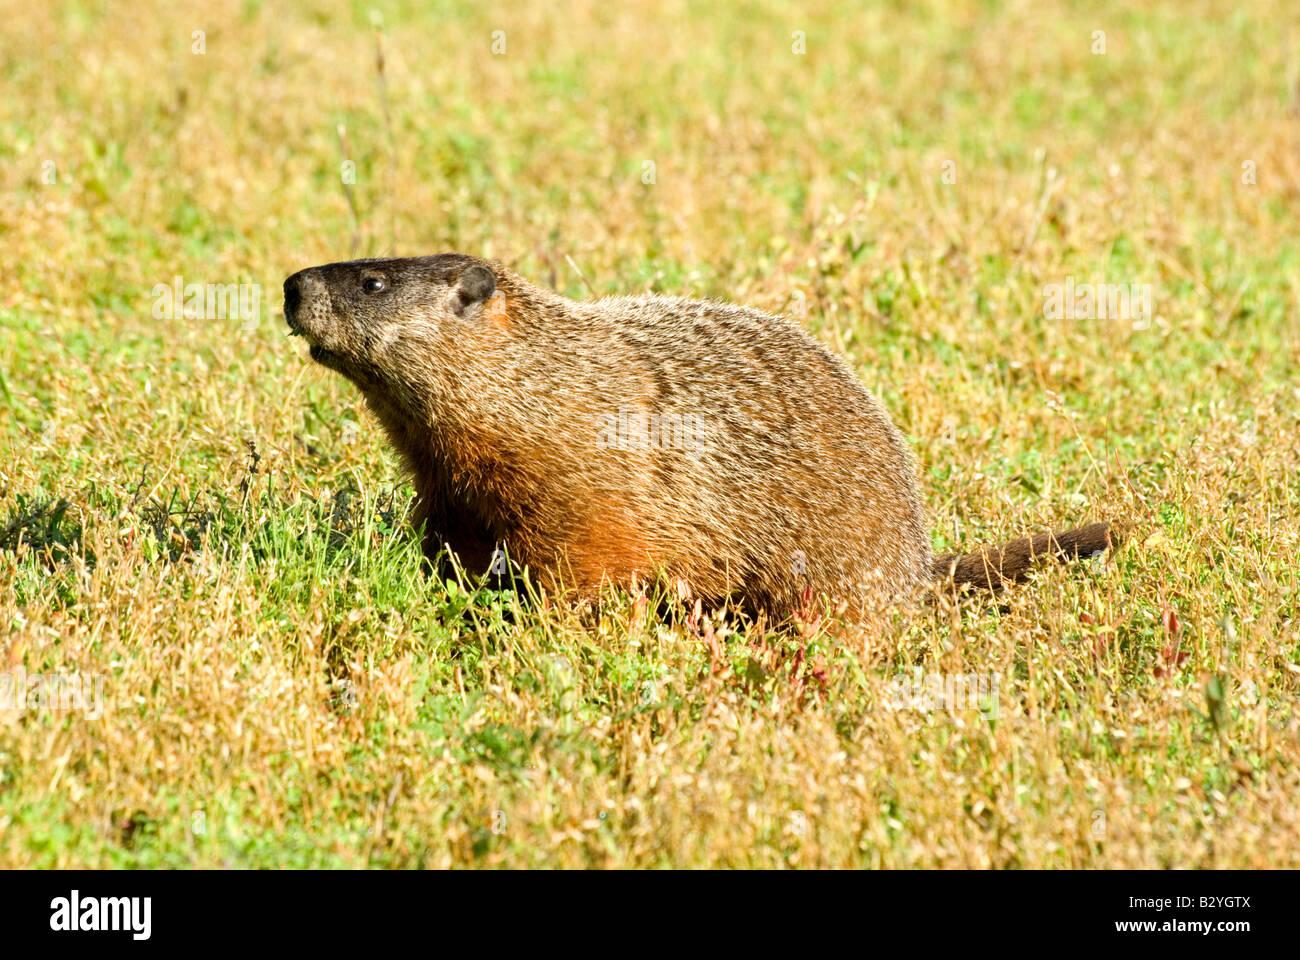 Woodchuck Groundhog Eastern Marmot Marmota monax - Stock Image